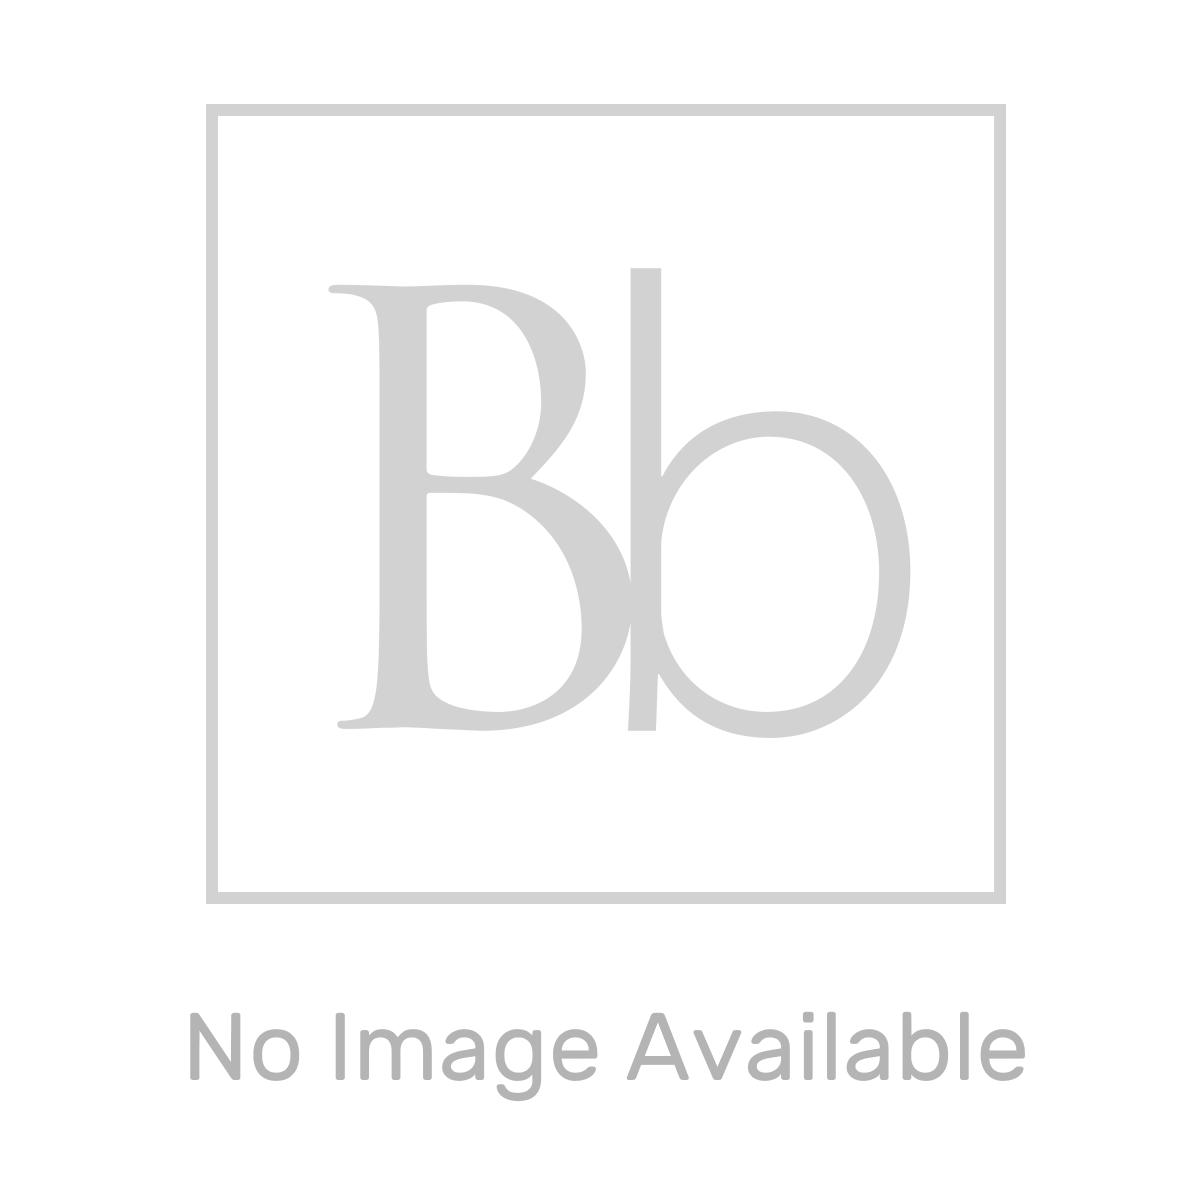 BTL Valesso White Gloss 2 Door Tall Unit 300mm